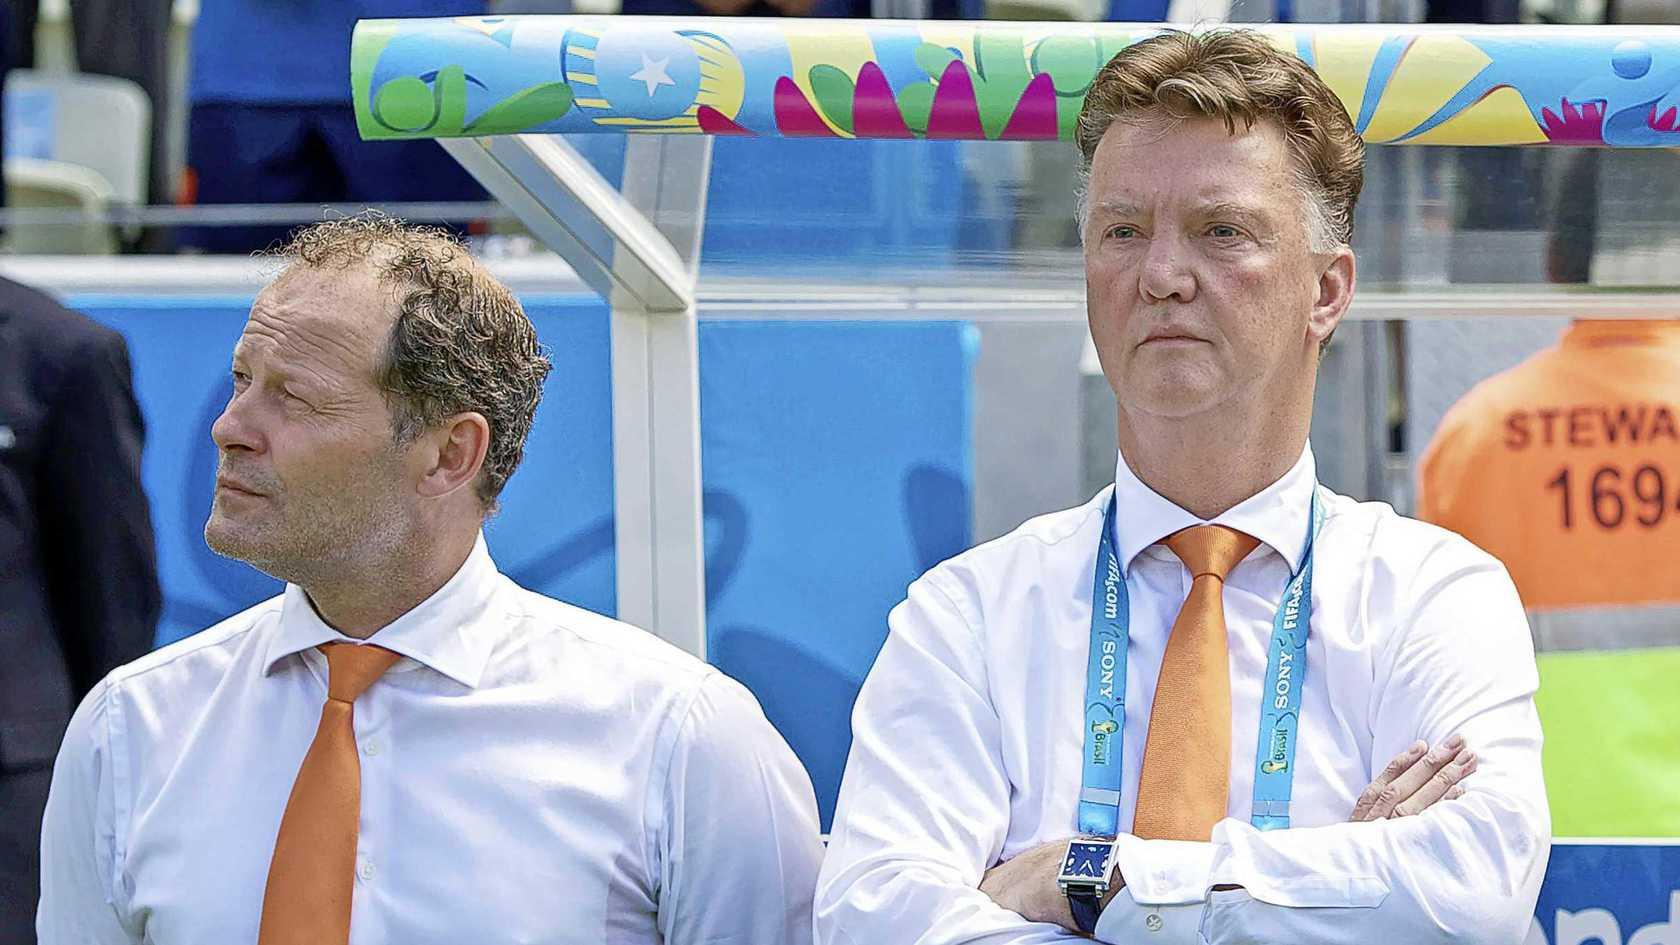 Van Gaal và Blind sẽ lại sát cánh trong sứ mệnh mới mà cũ - dẫn dắt tuyển Hà Lan. Ảnh: HH/ANP